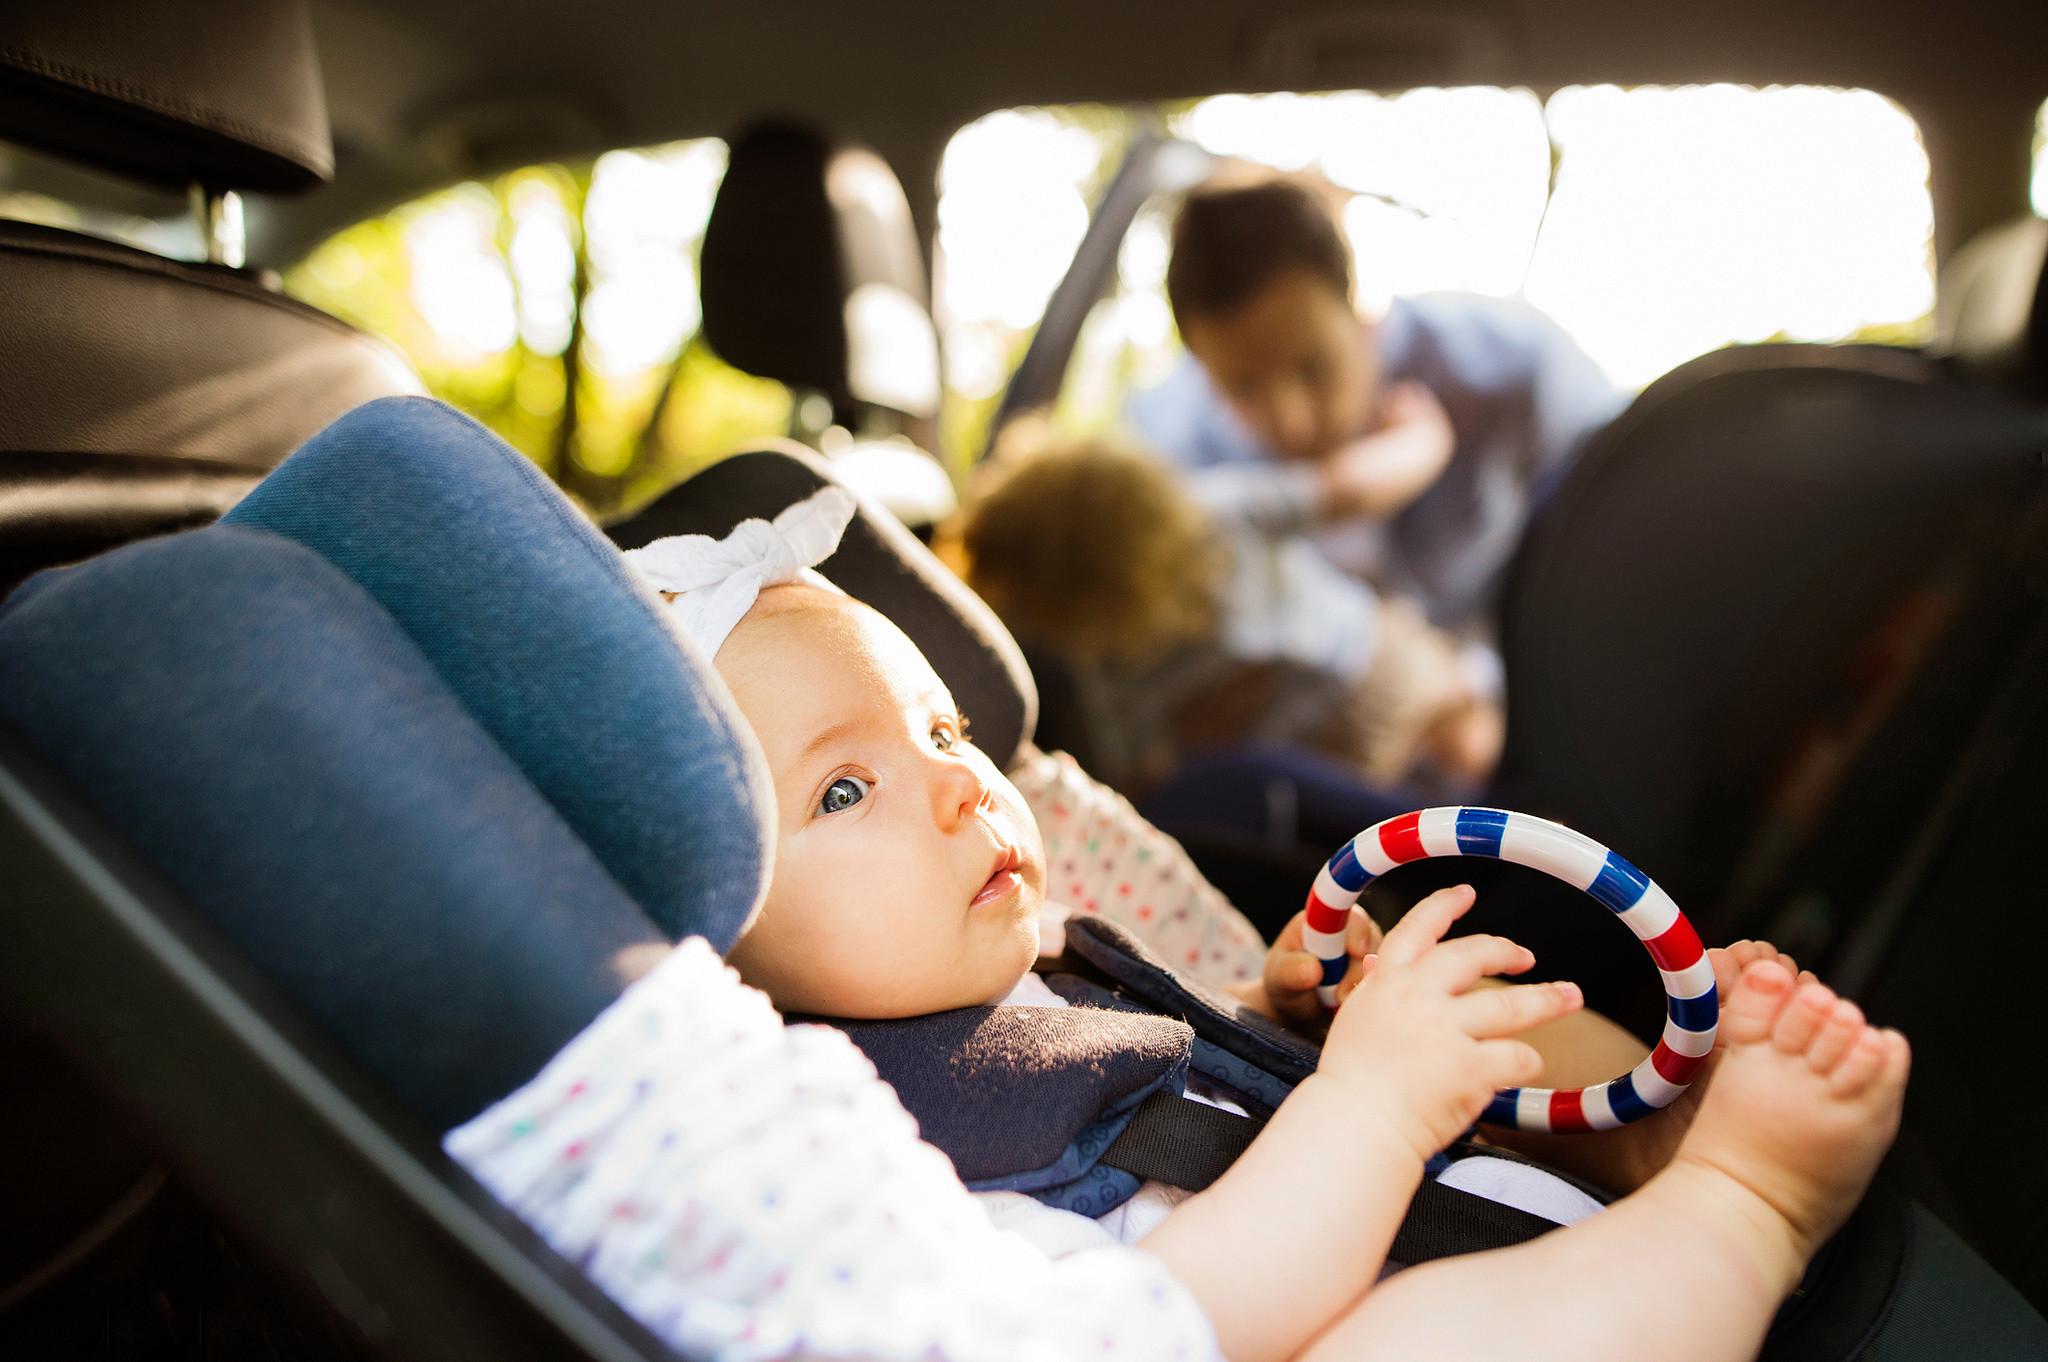 Quantas cadeirinhas pode instalar no carro?